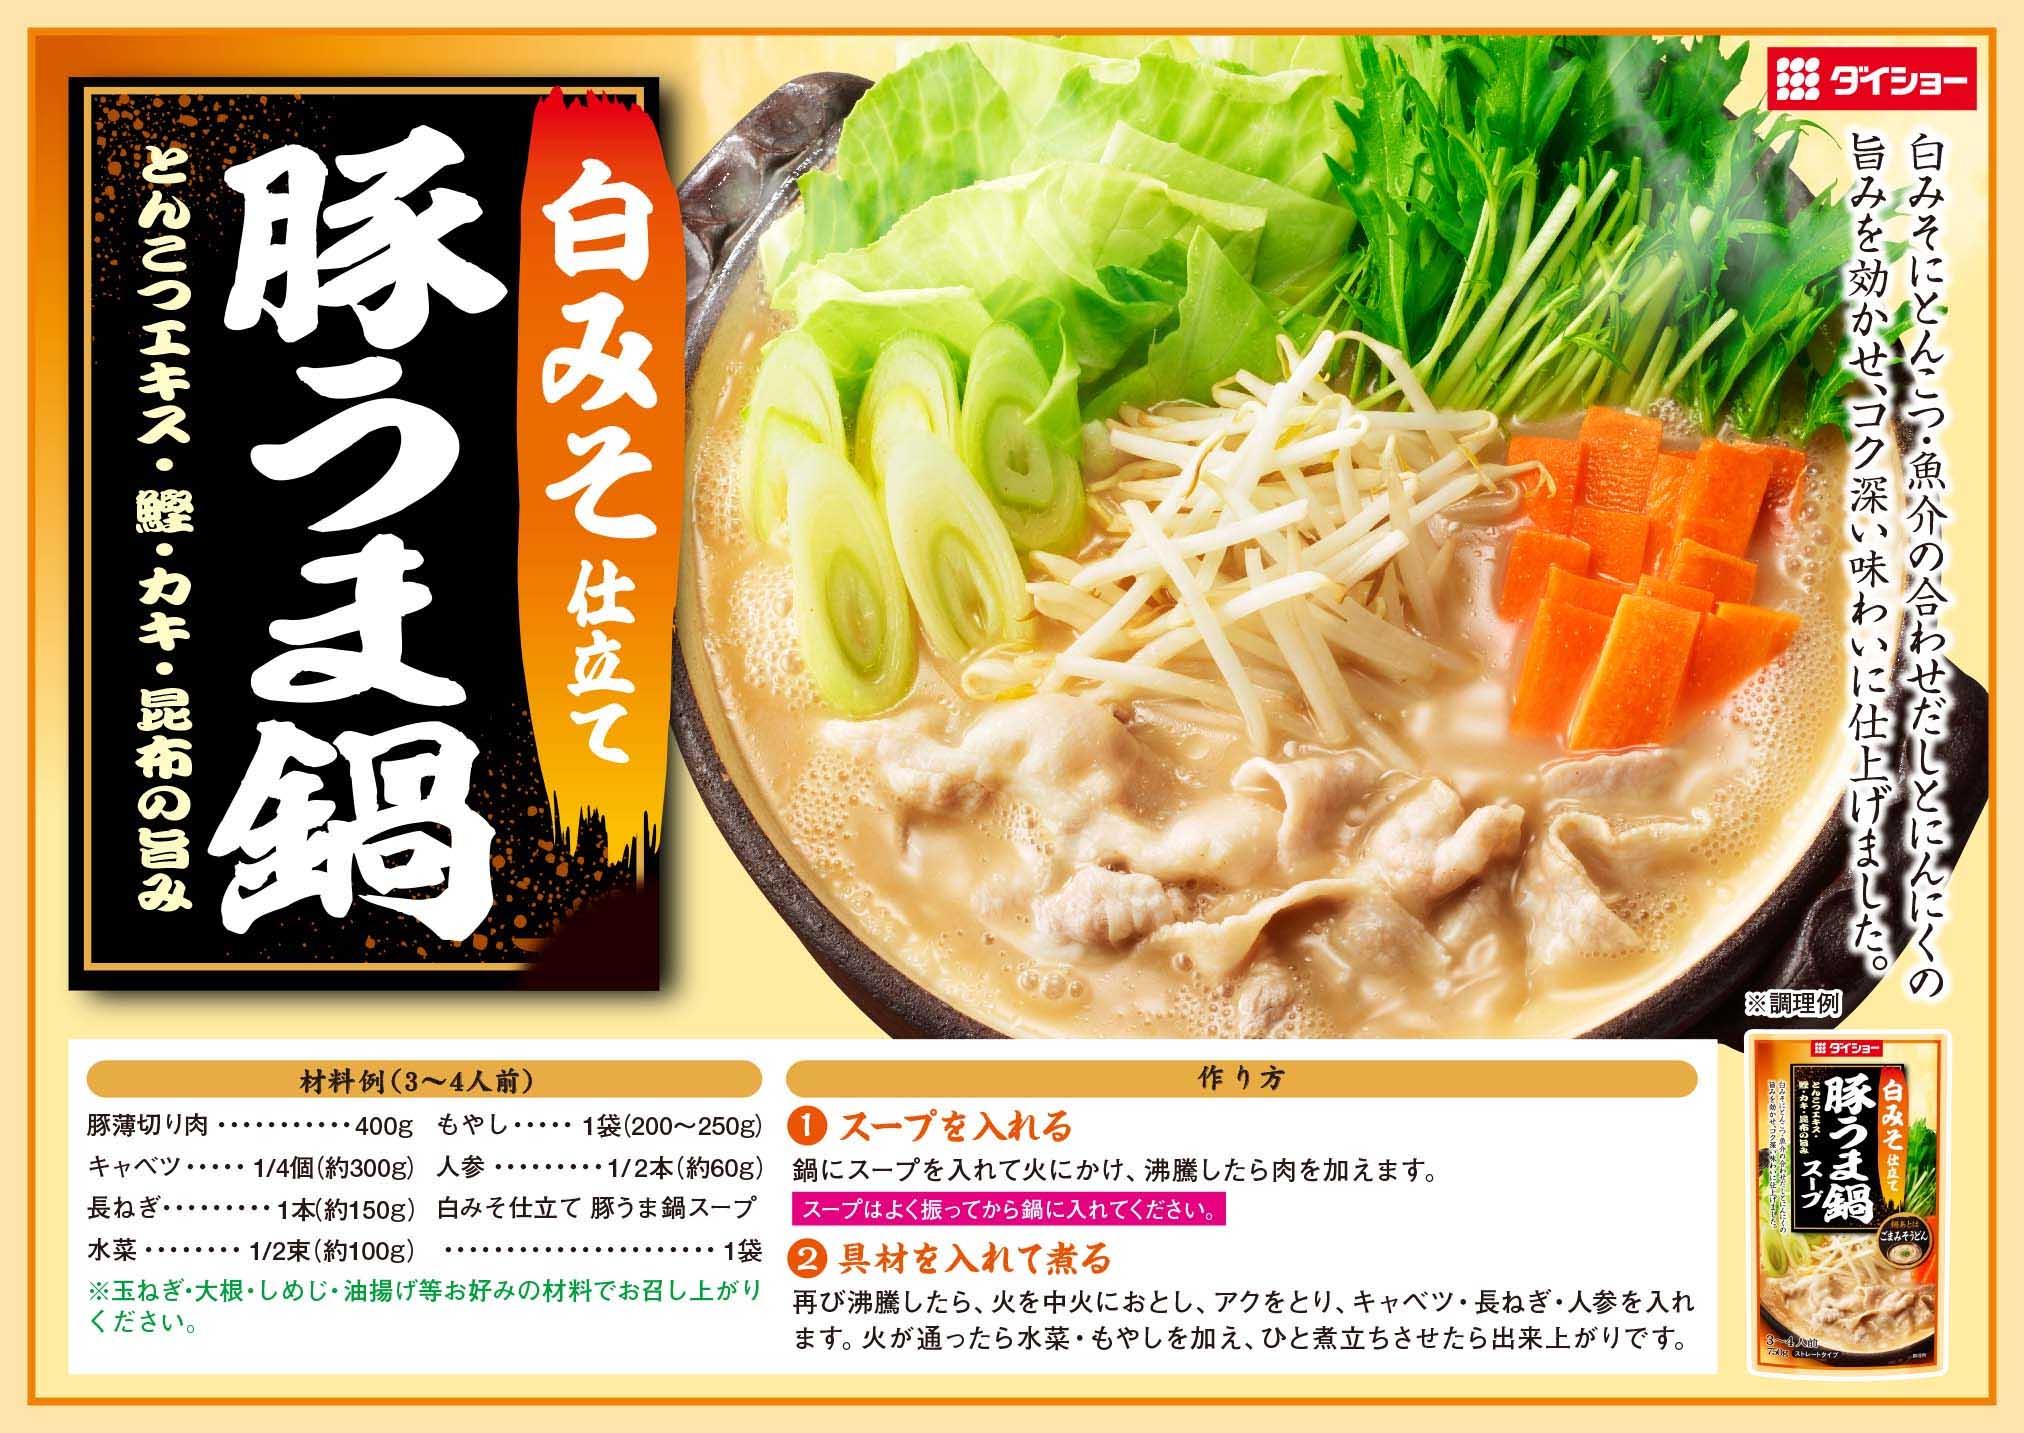 白みそ仕立て 豚うま鍋スープレシピ